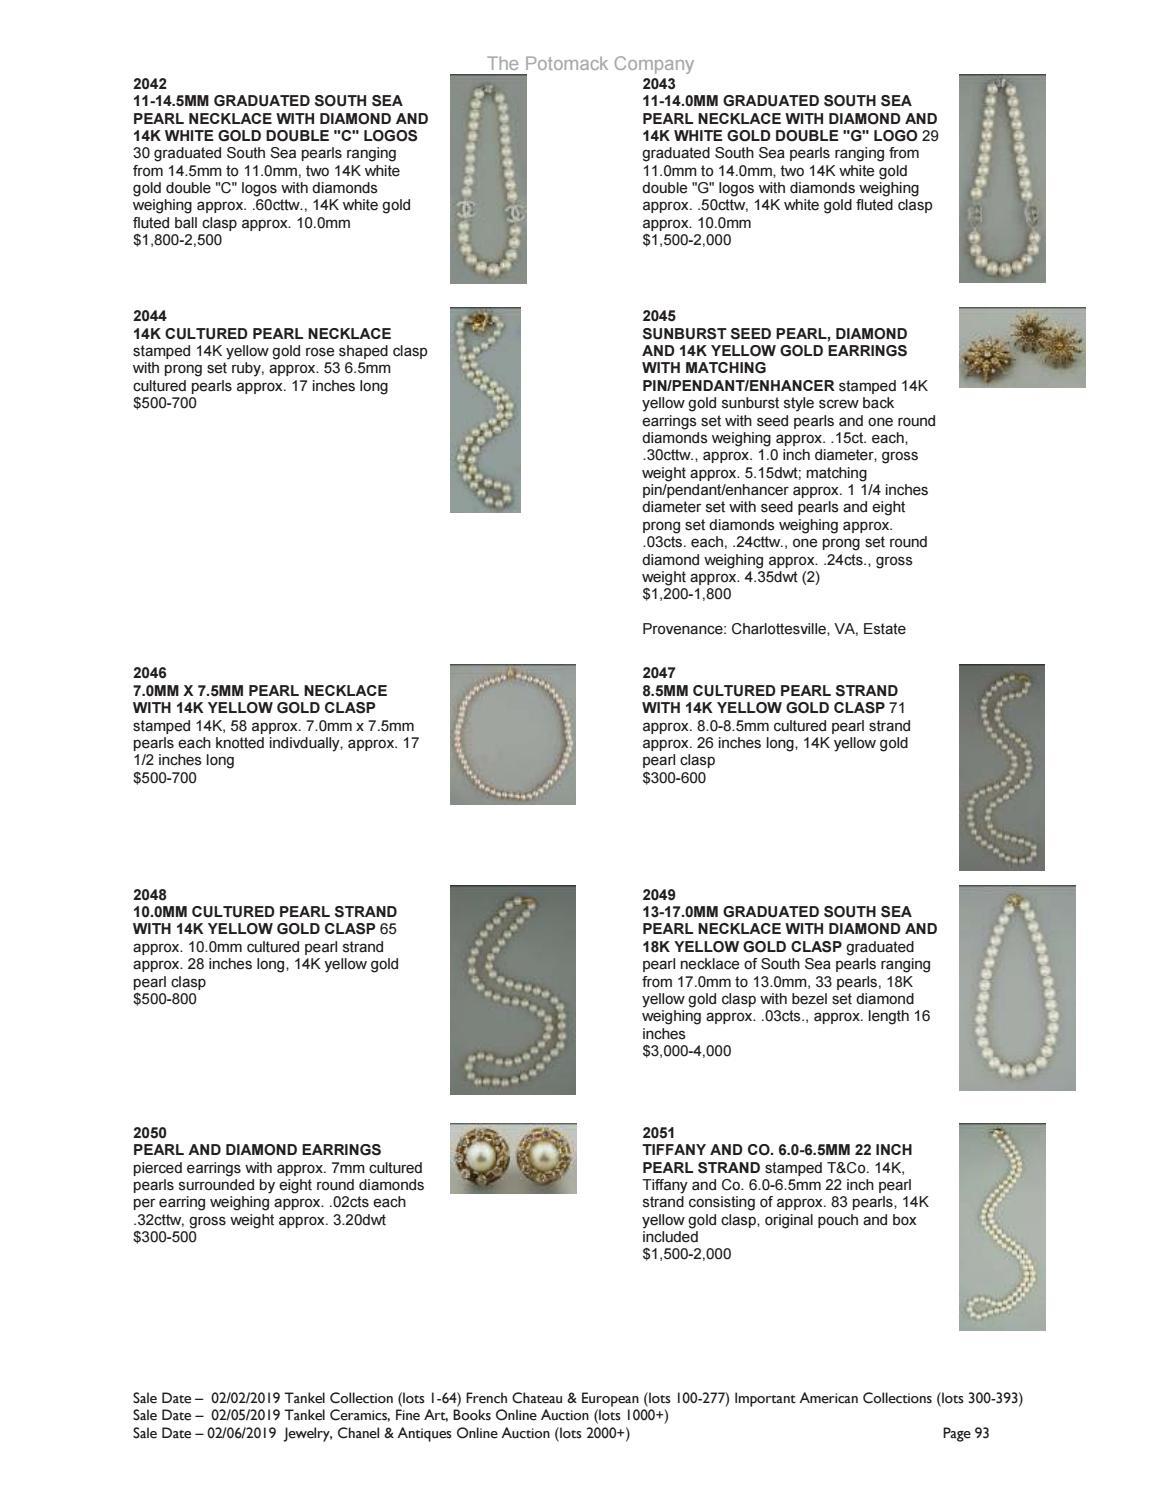 4e009e09b Potomack Co. Feb. 2, 5, 6 Auctions Catalogue by The Potomack Company ...